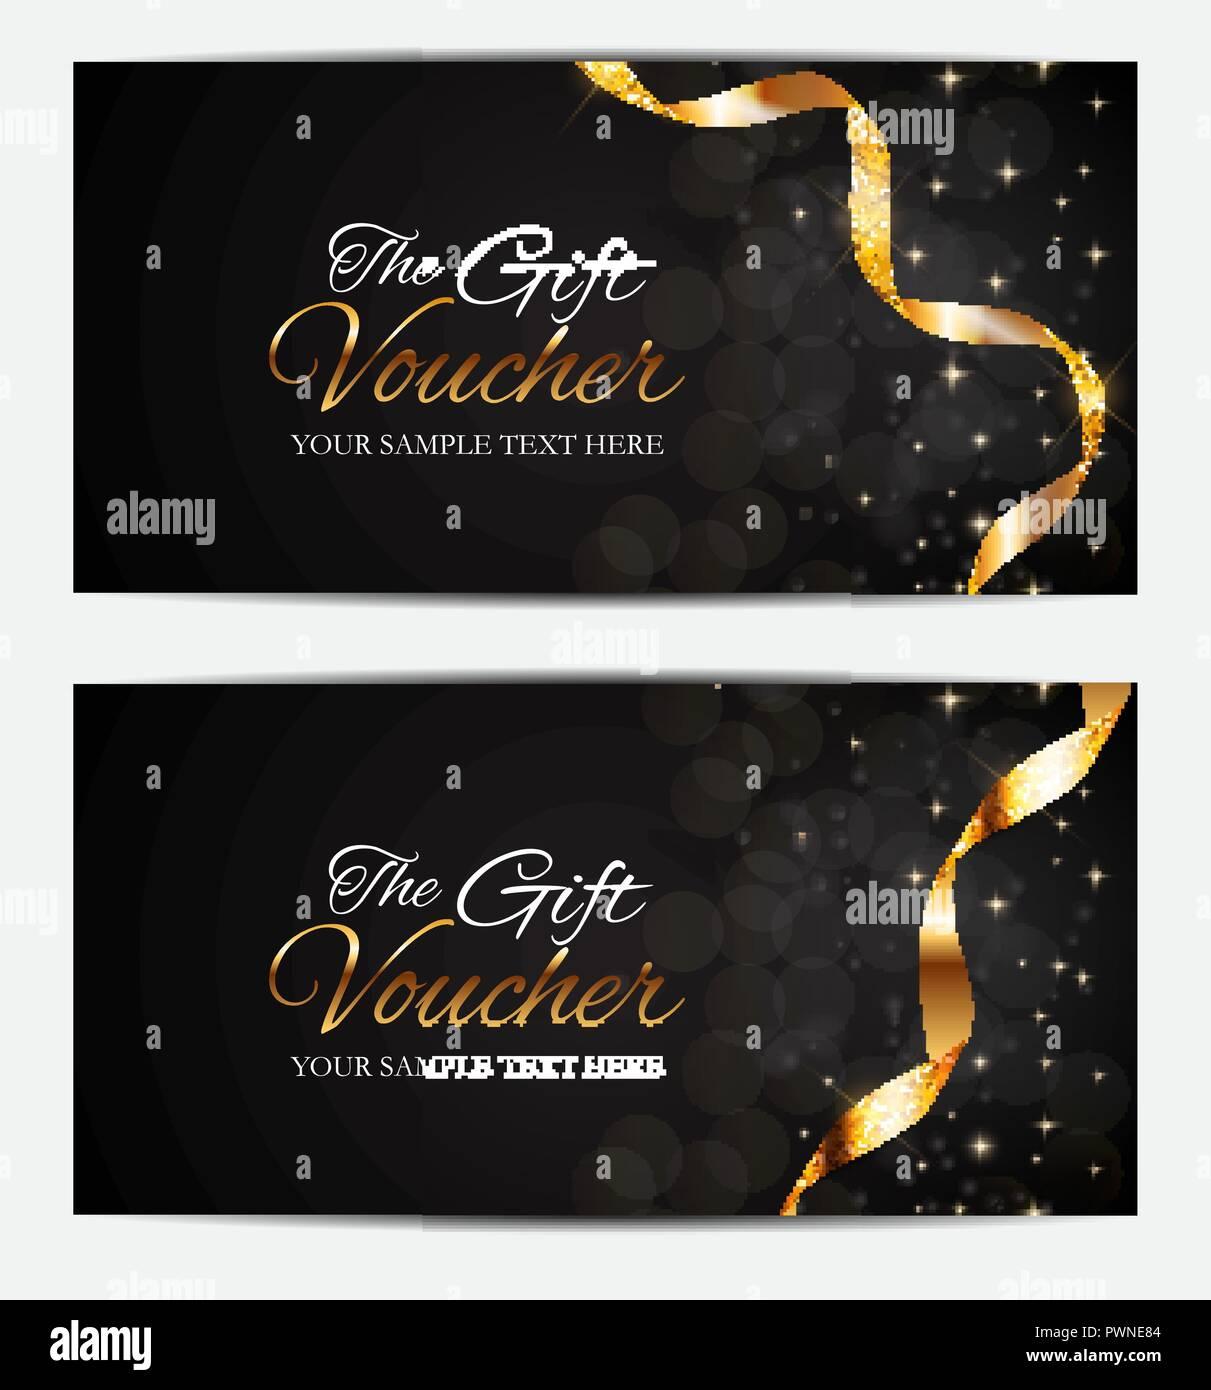 Carte Cadeau Entreprise.Les Membres De La Carte Cadeau De Luxe Modele Pour Votre Entreprise